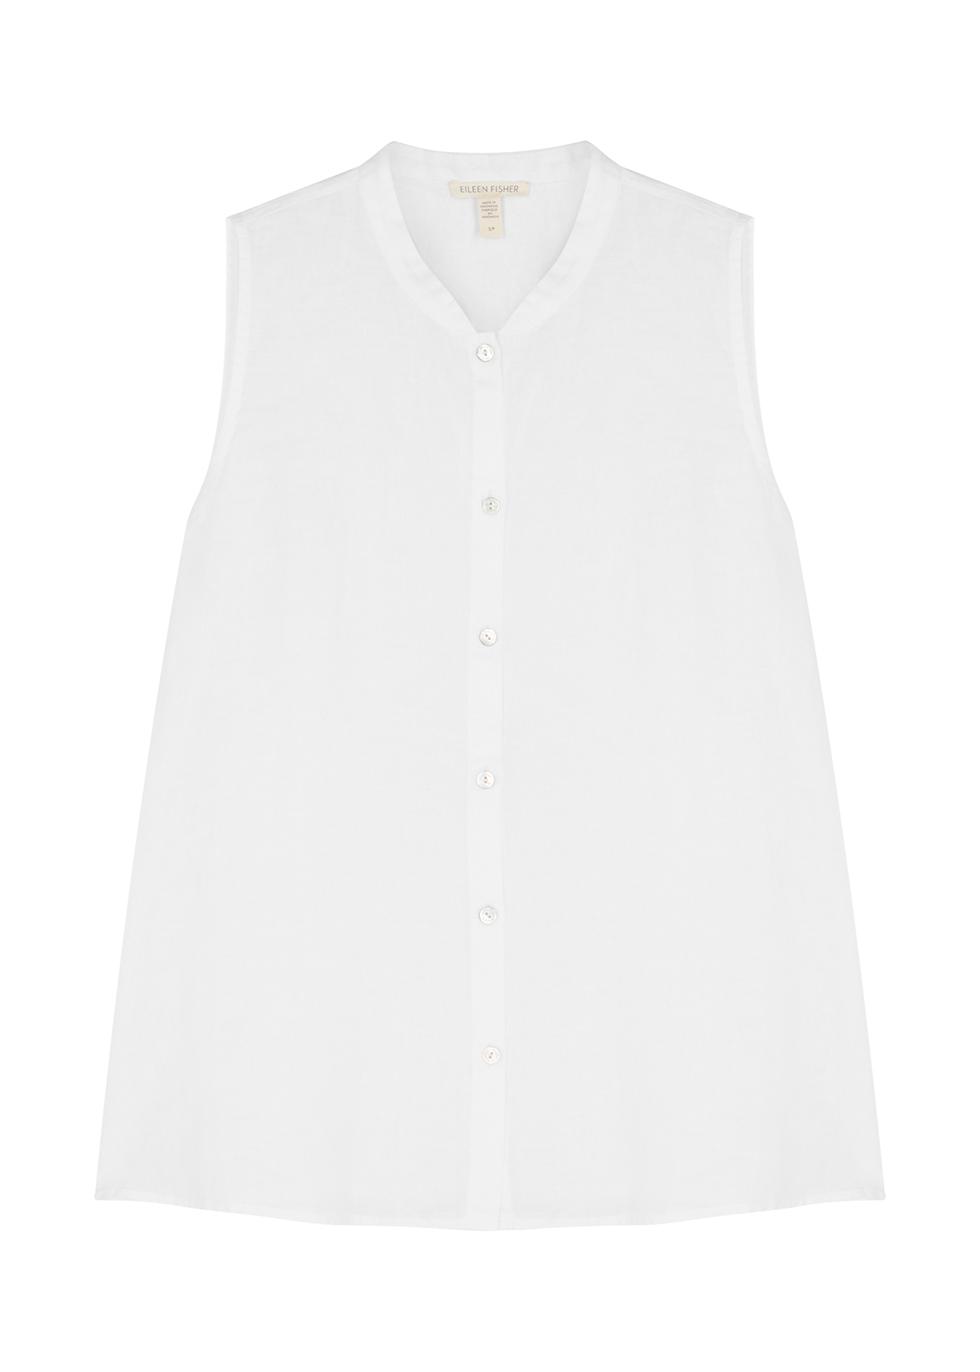 White linen sleeveless shirt